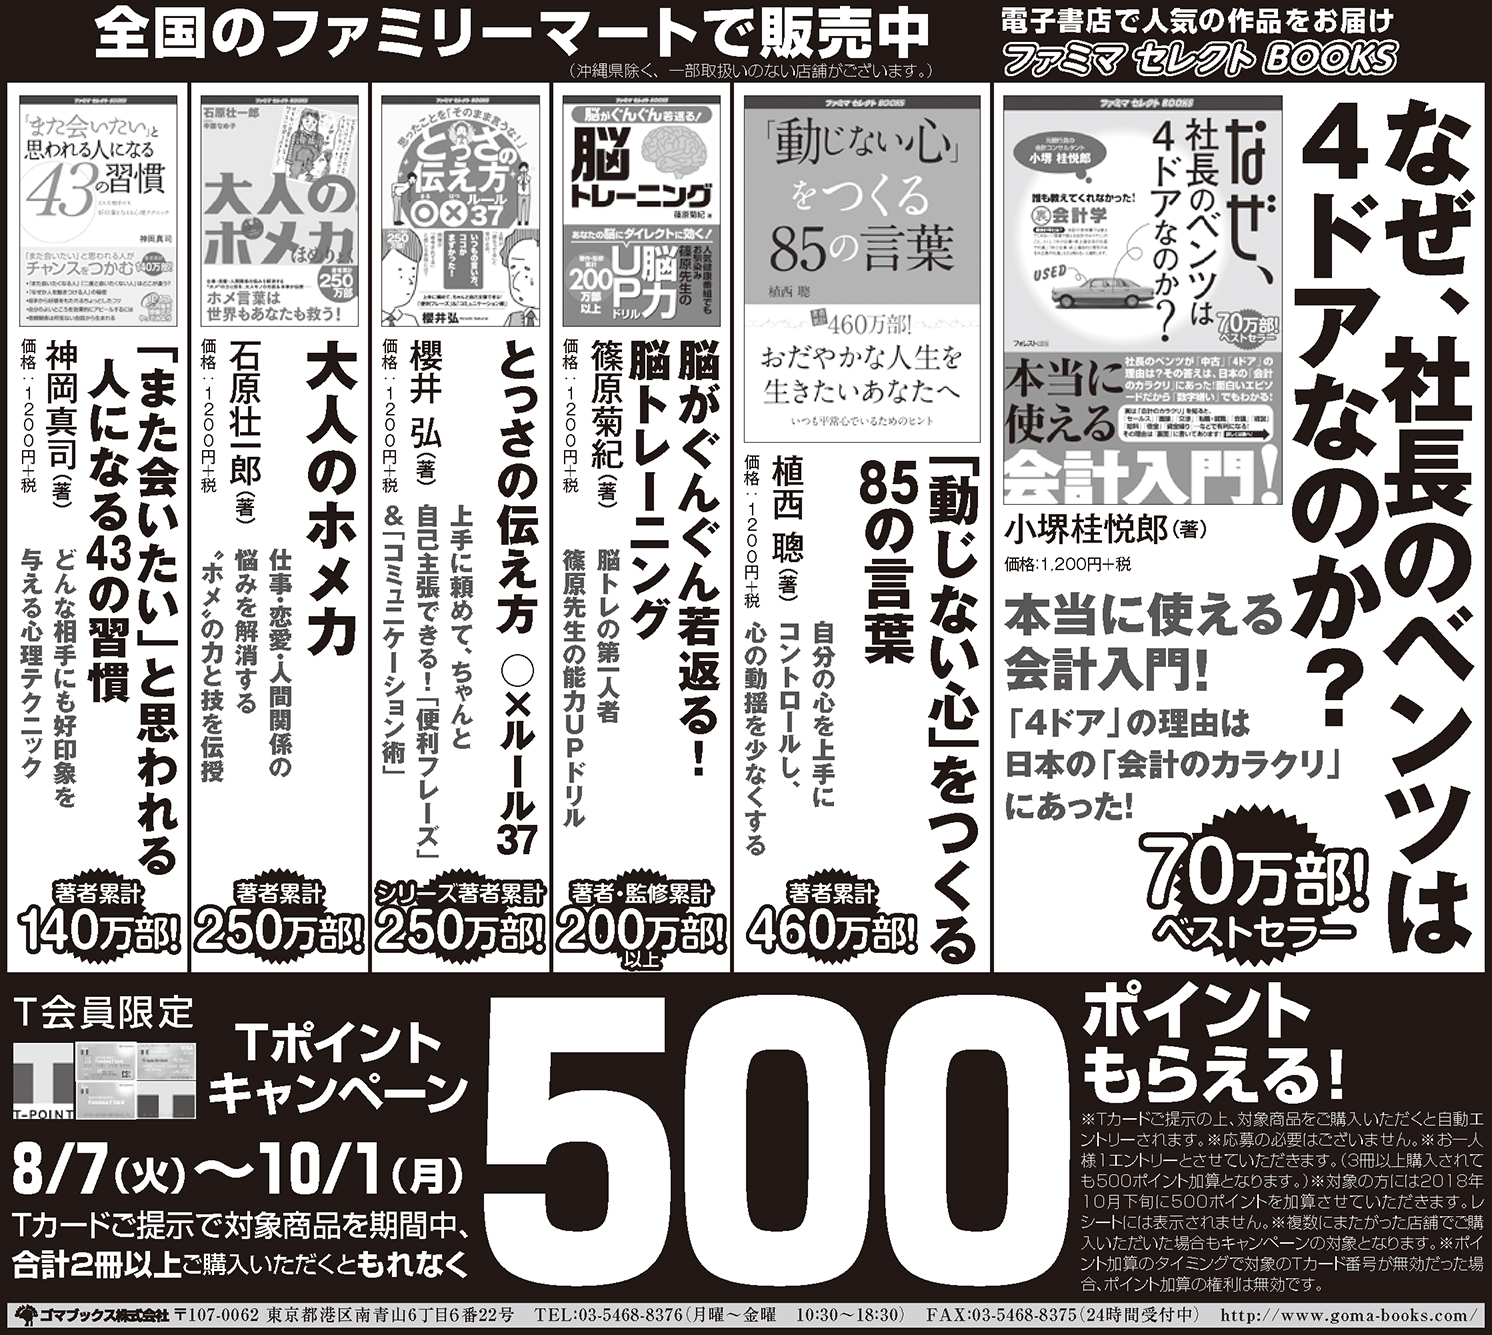 0809ファミマ8月_日経新聞半五段